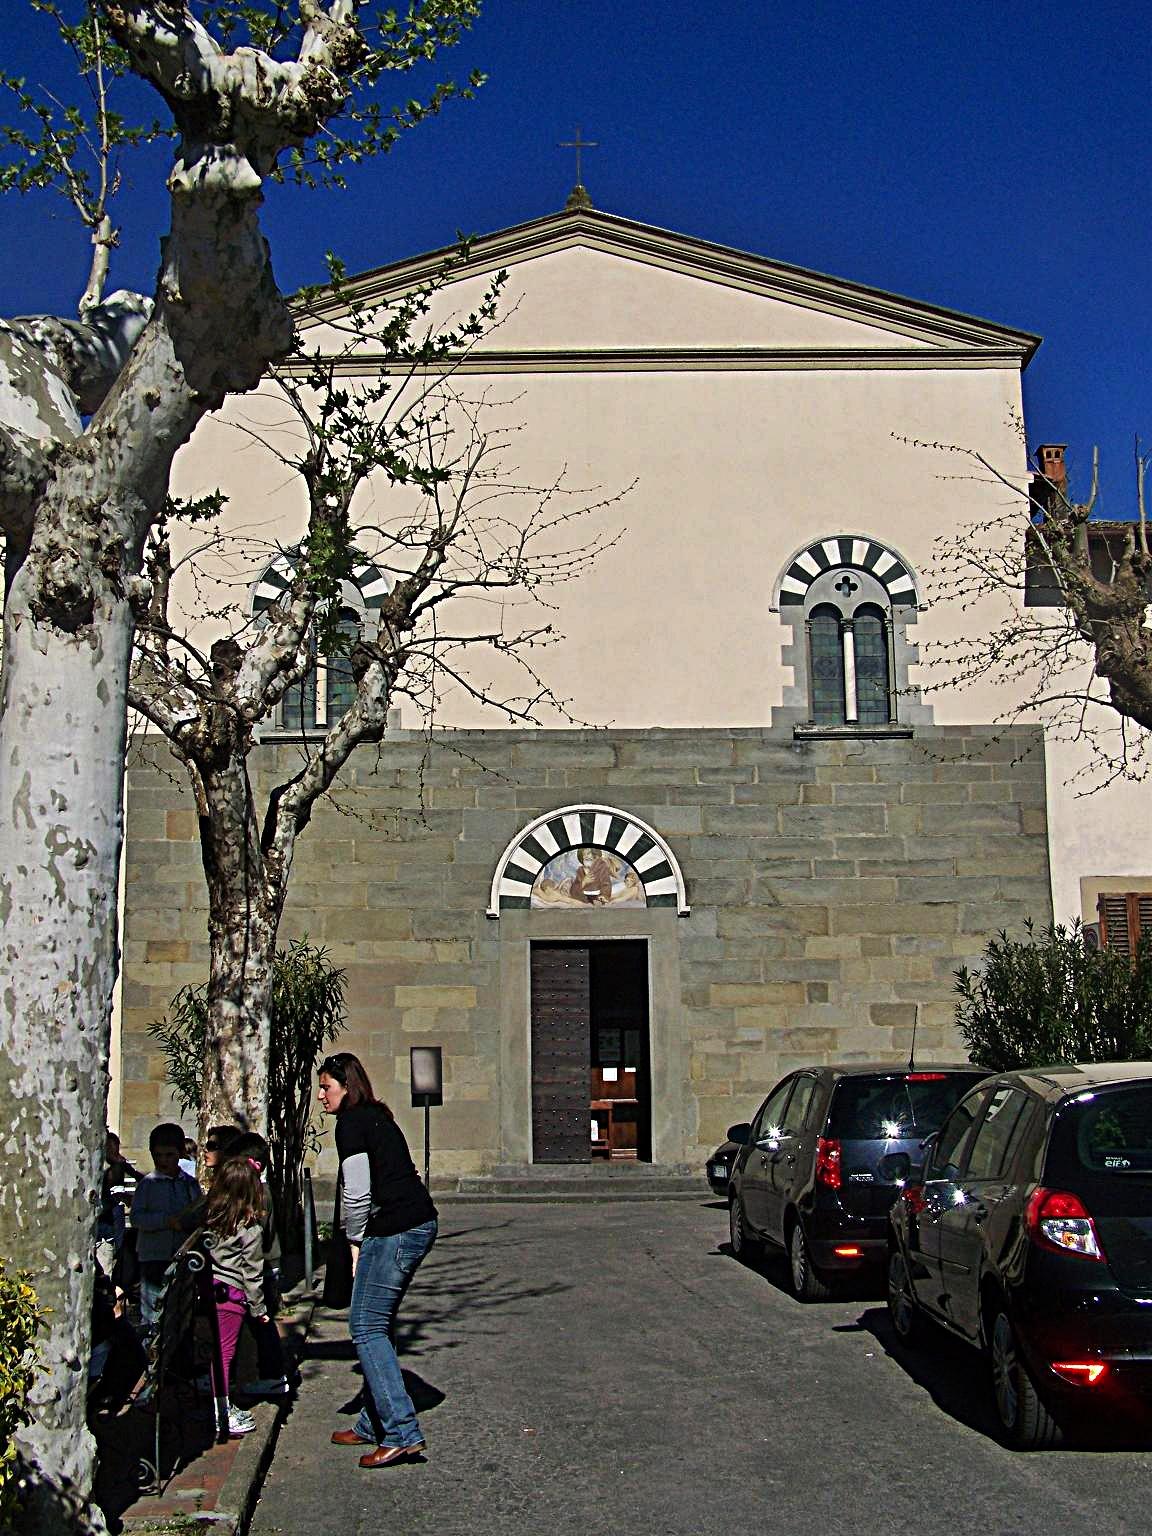 Chiesa di san pietro a seano wikipedia for Seano prato